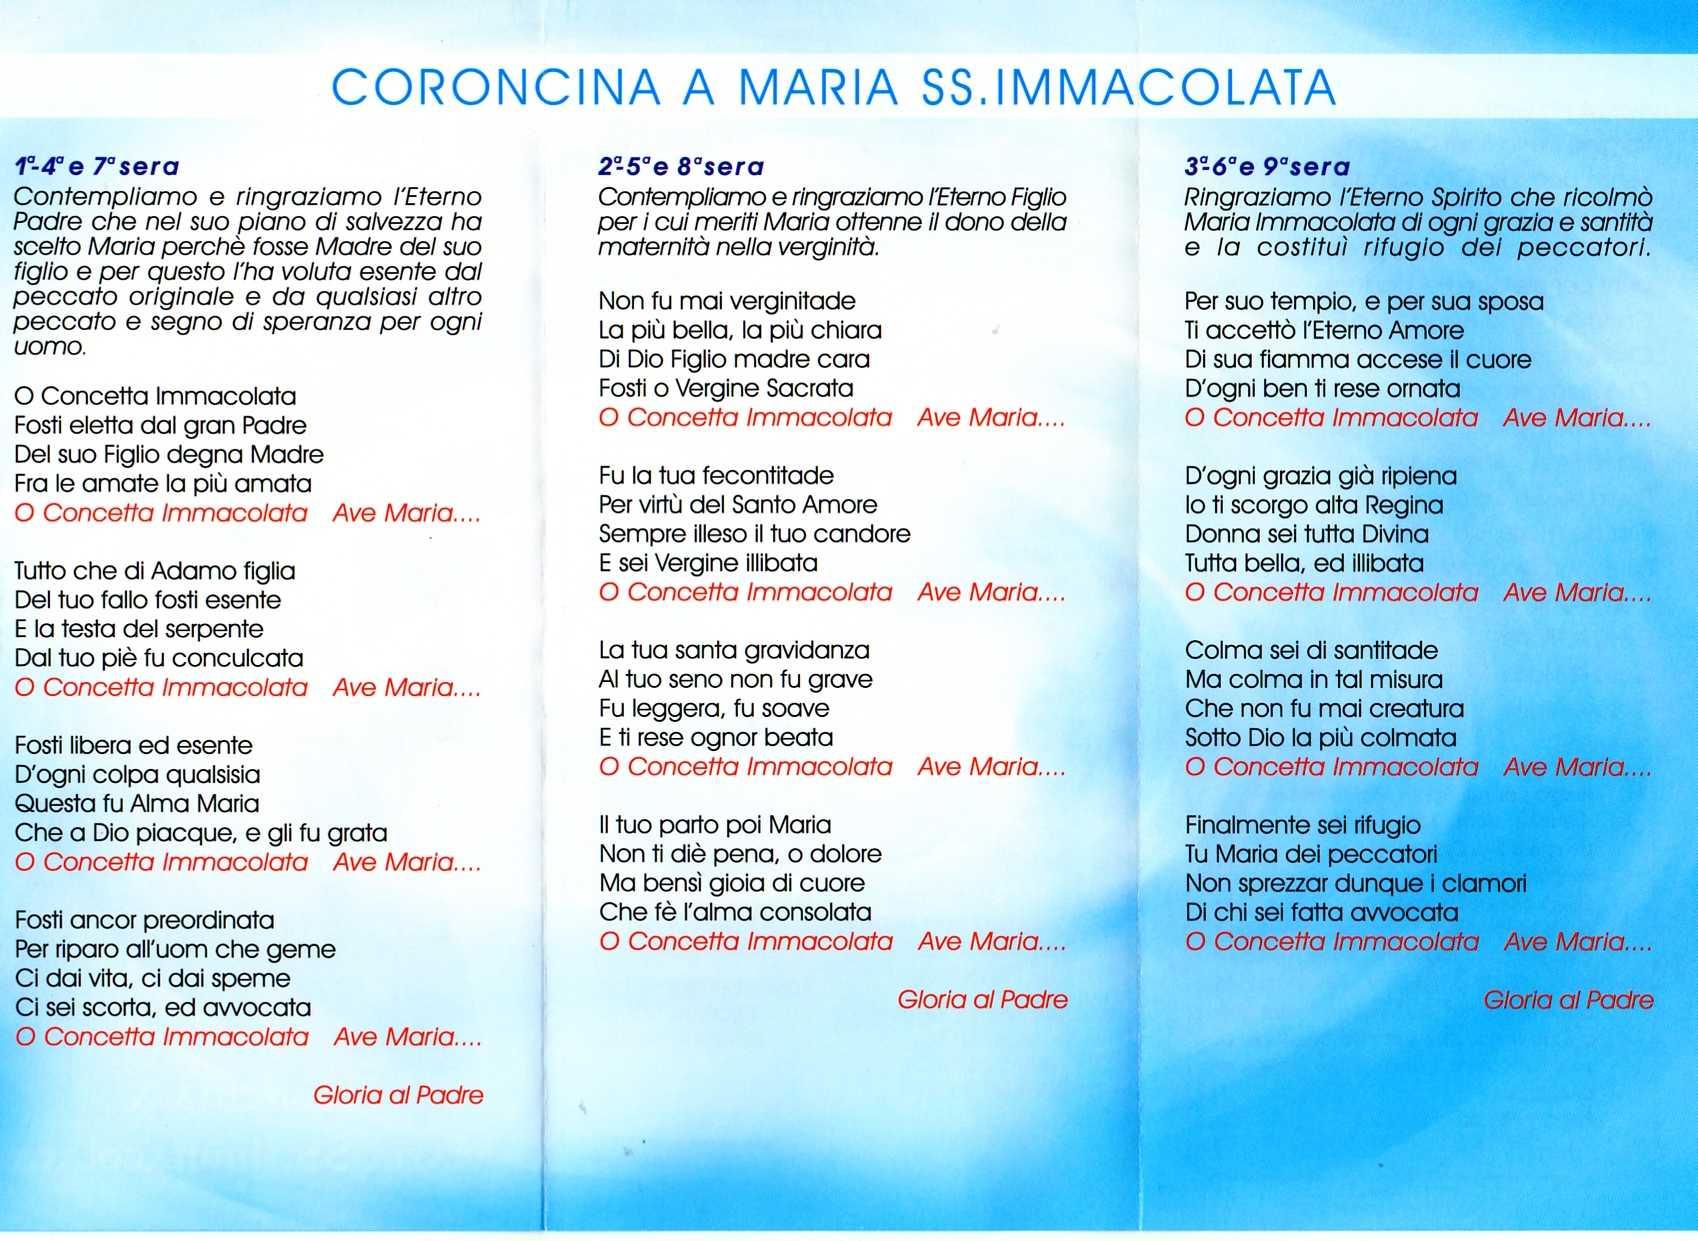 Coroncina a Maria SS. Immacolata - Adrano